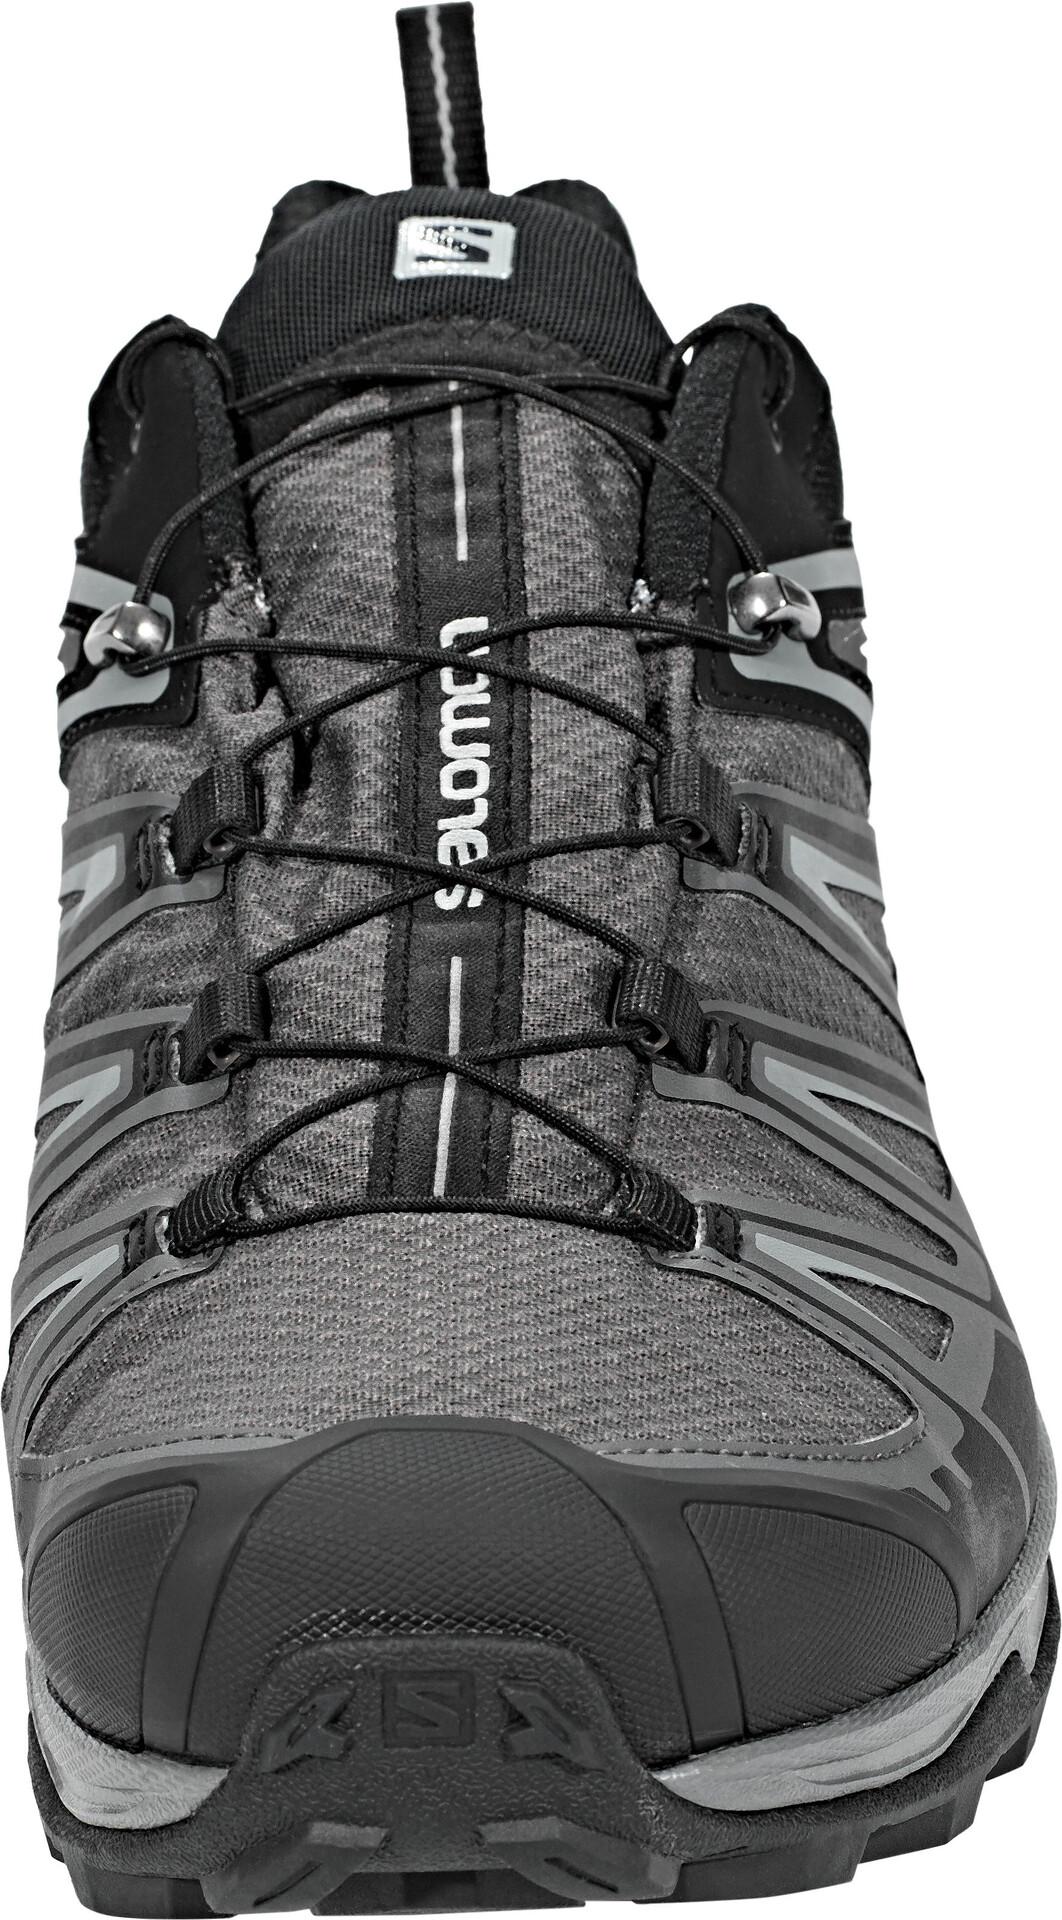 Salomon X Ultra 3 GTX Chaussures Homme, blackmagnetquiet shade